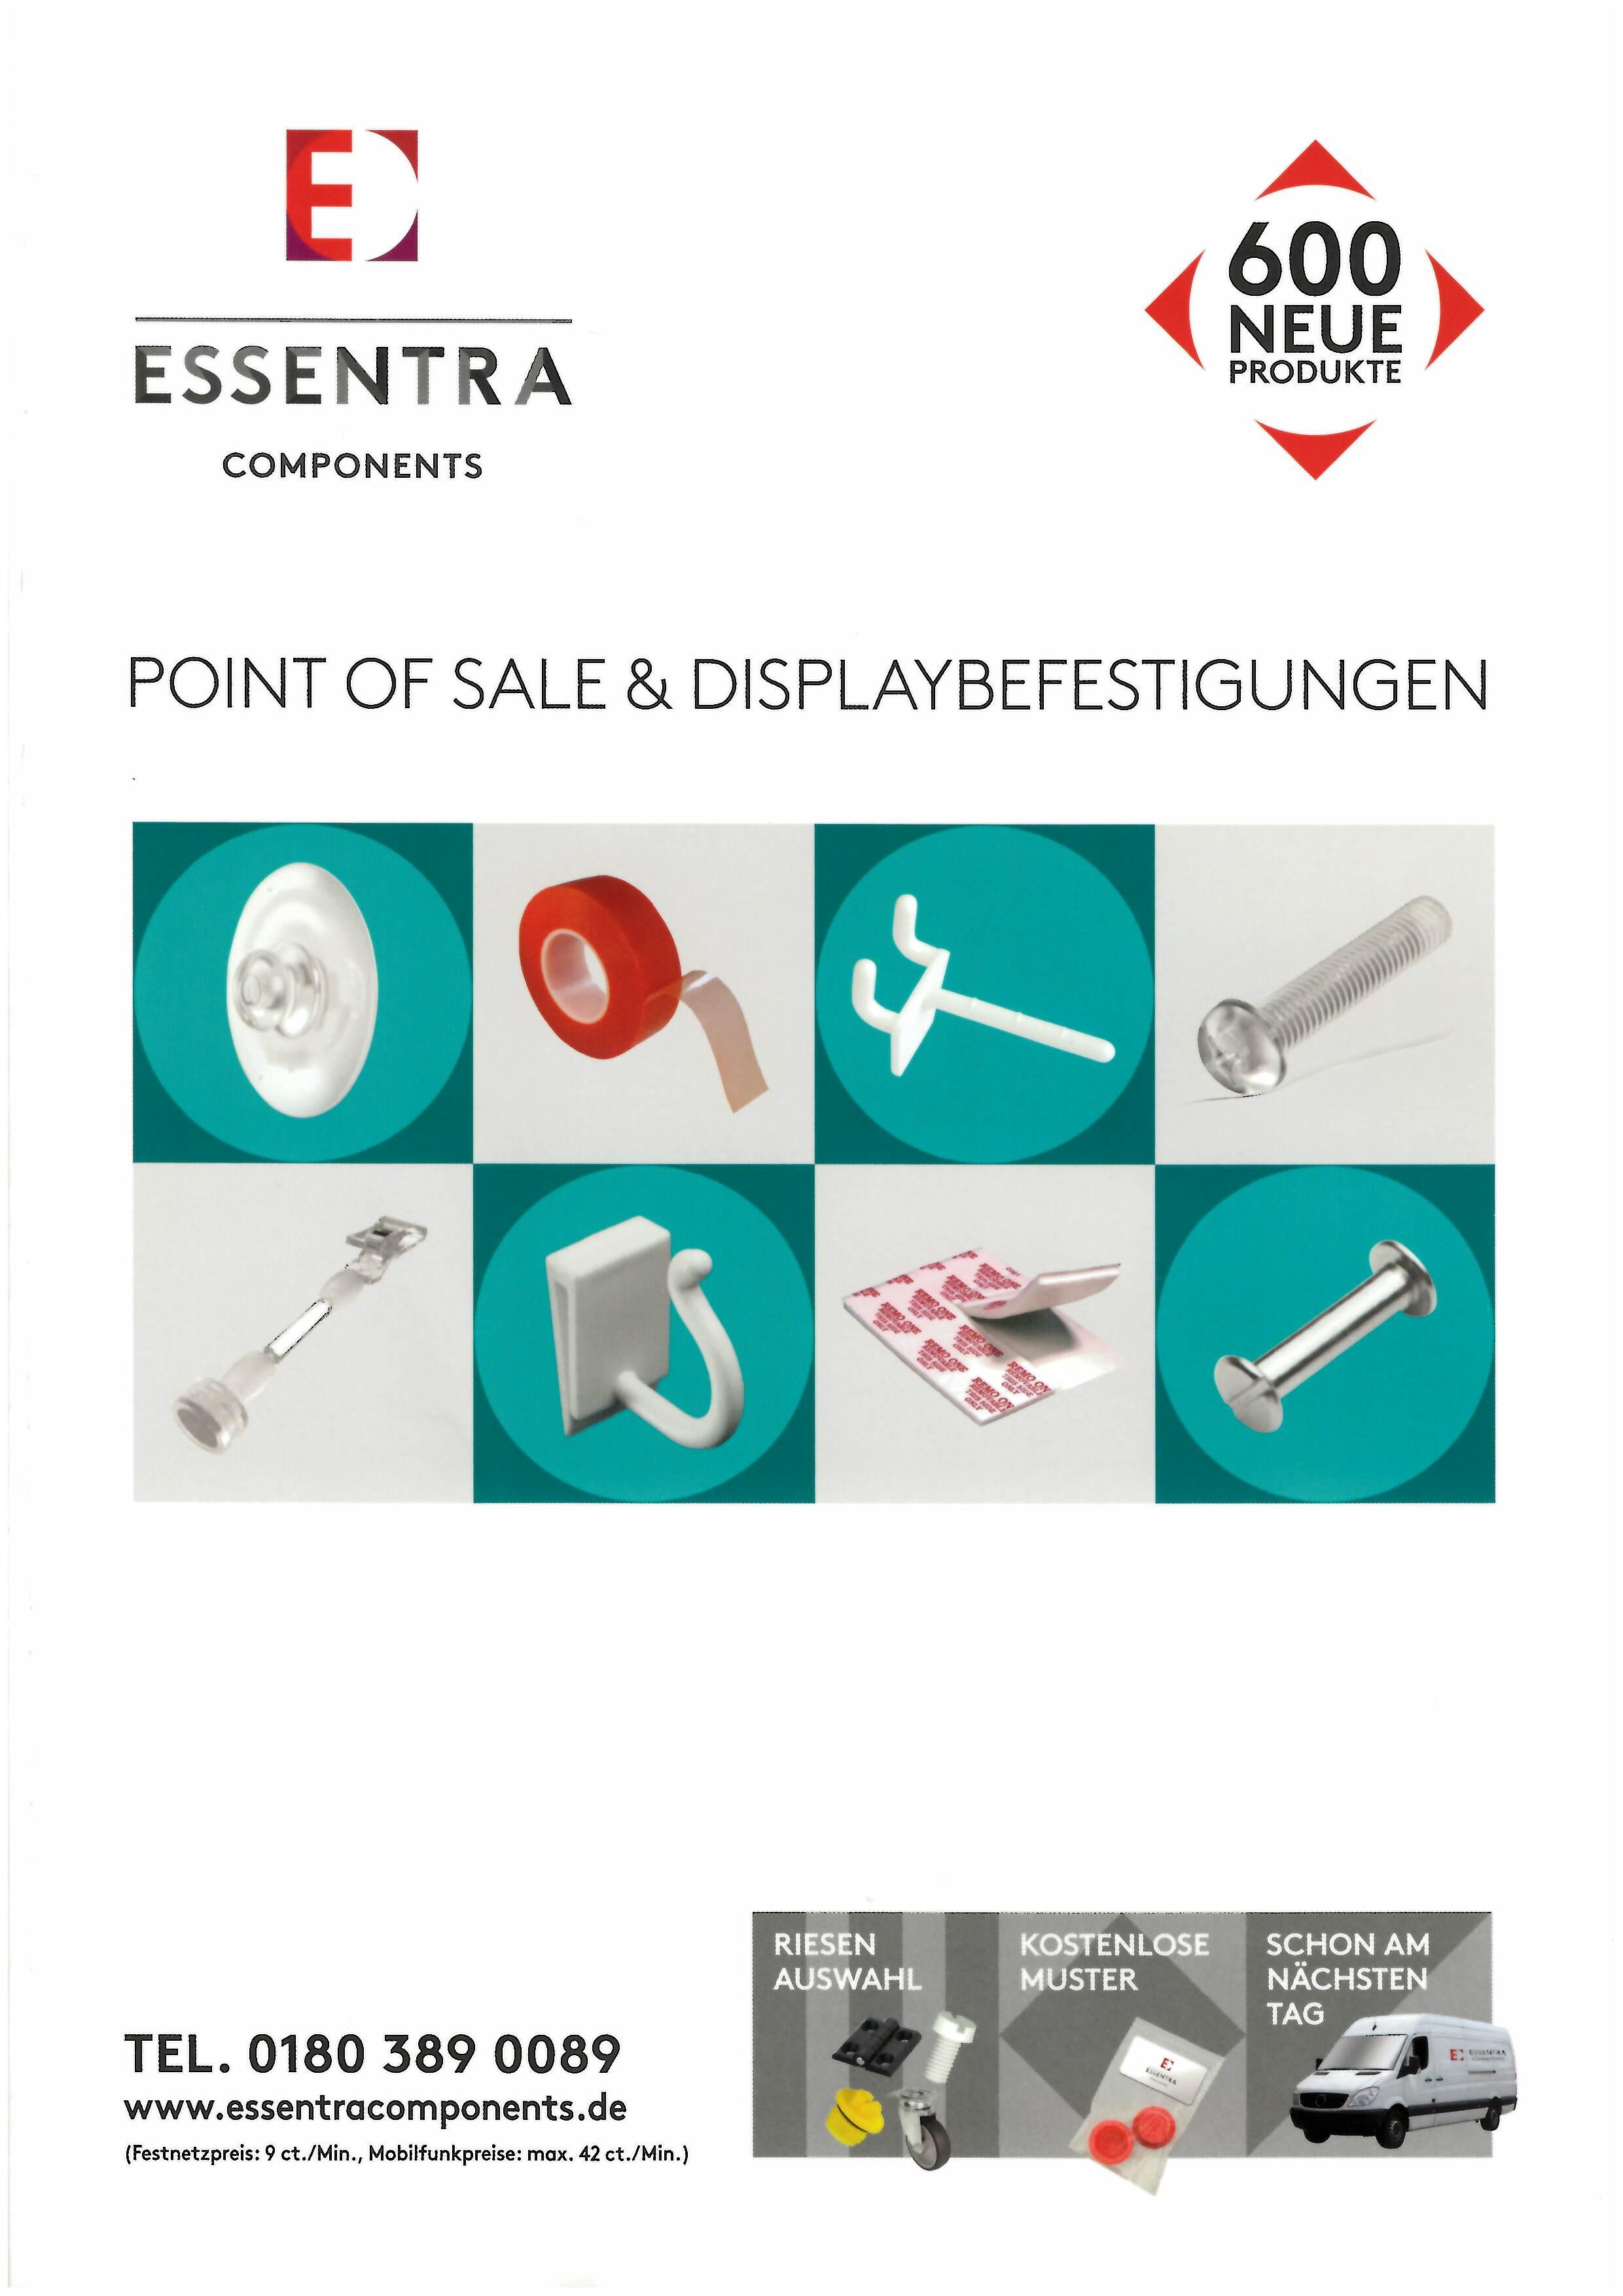 Entdecken Sie unser Point of Sale-Sortiment mit 600 neuen Möglichkeiten, für Ihr Produkt zu werben! ...